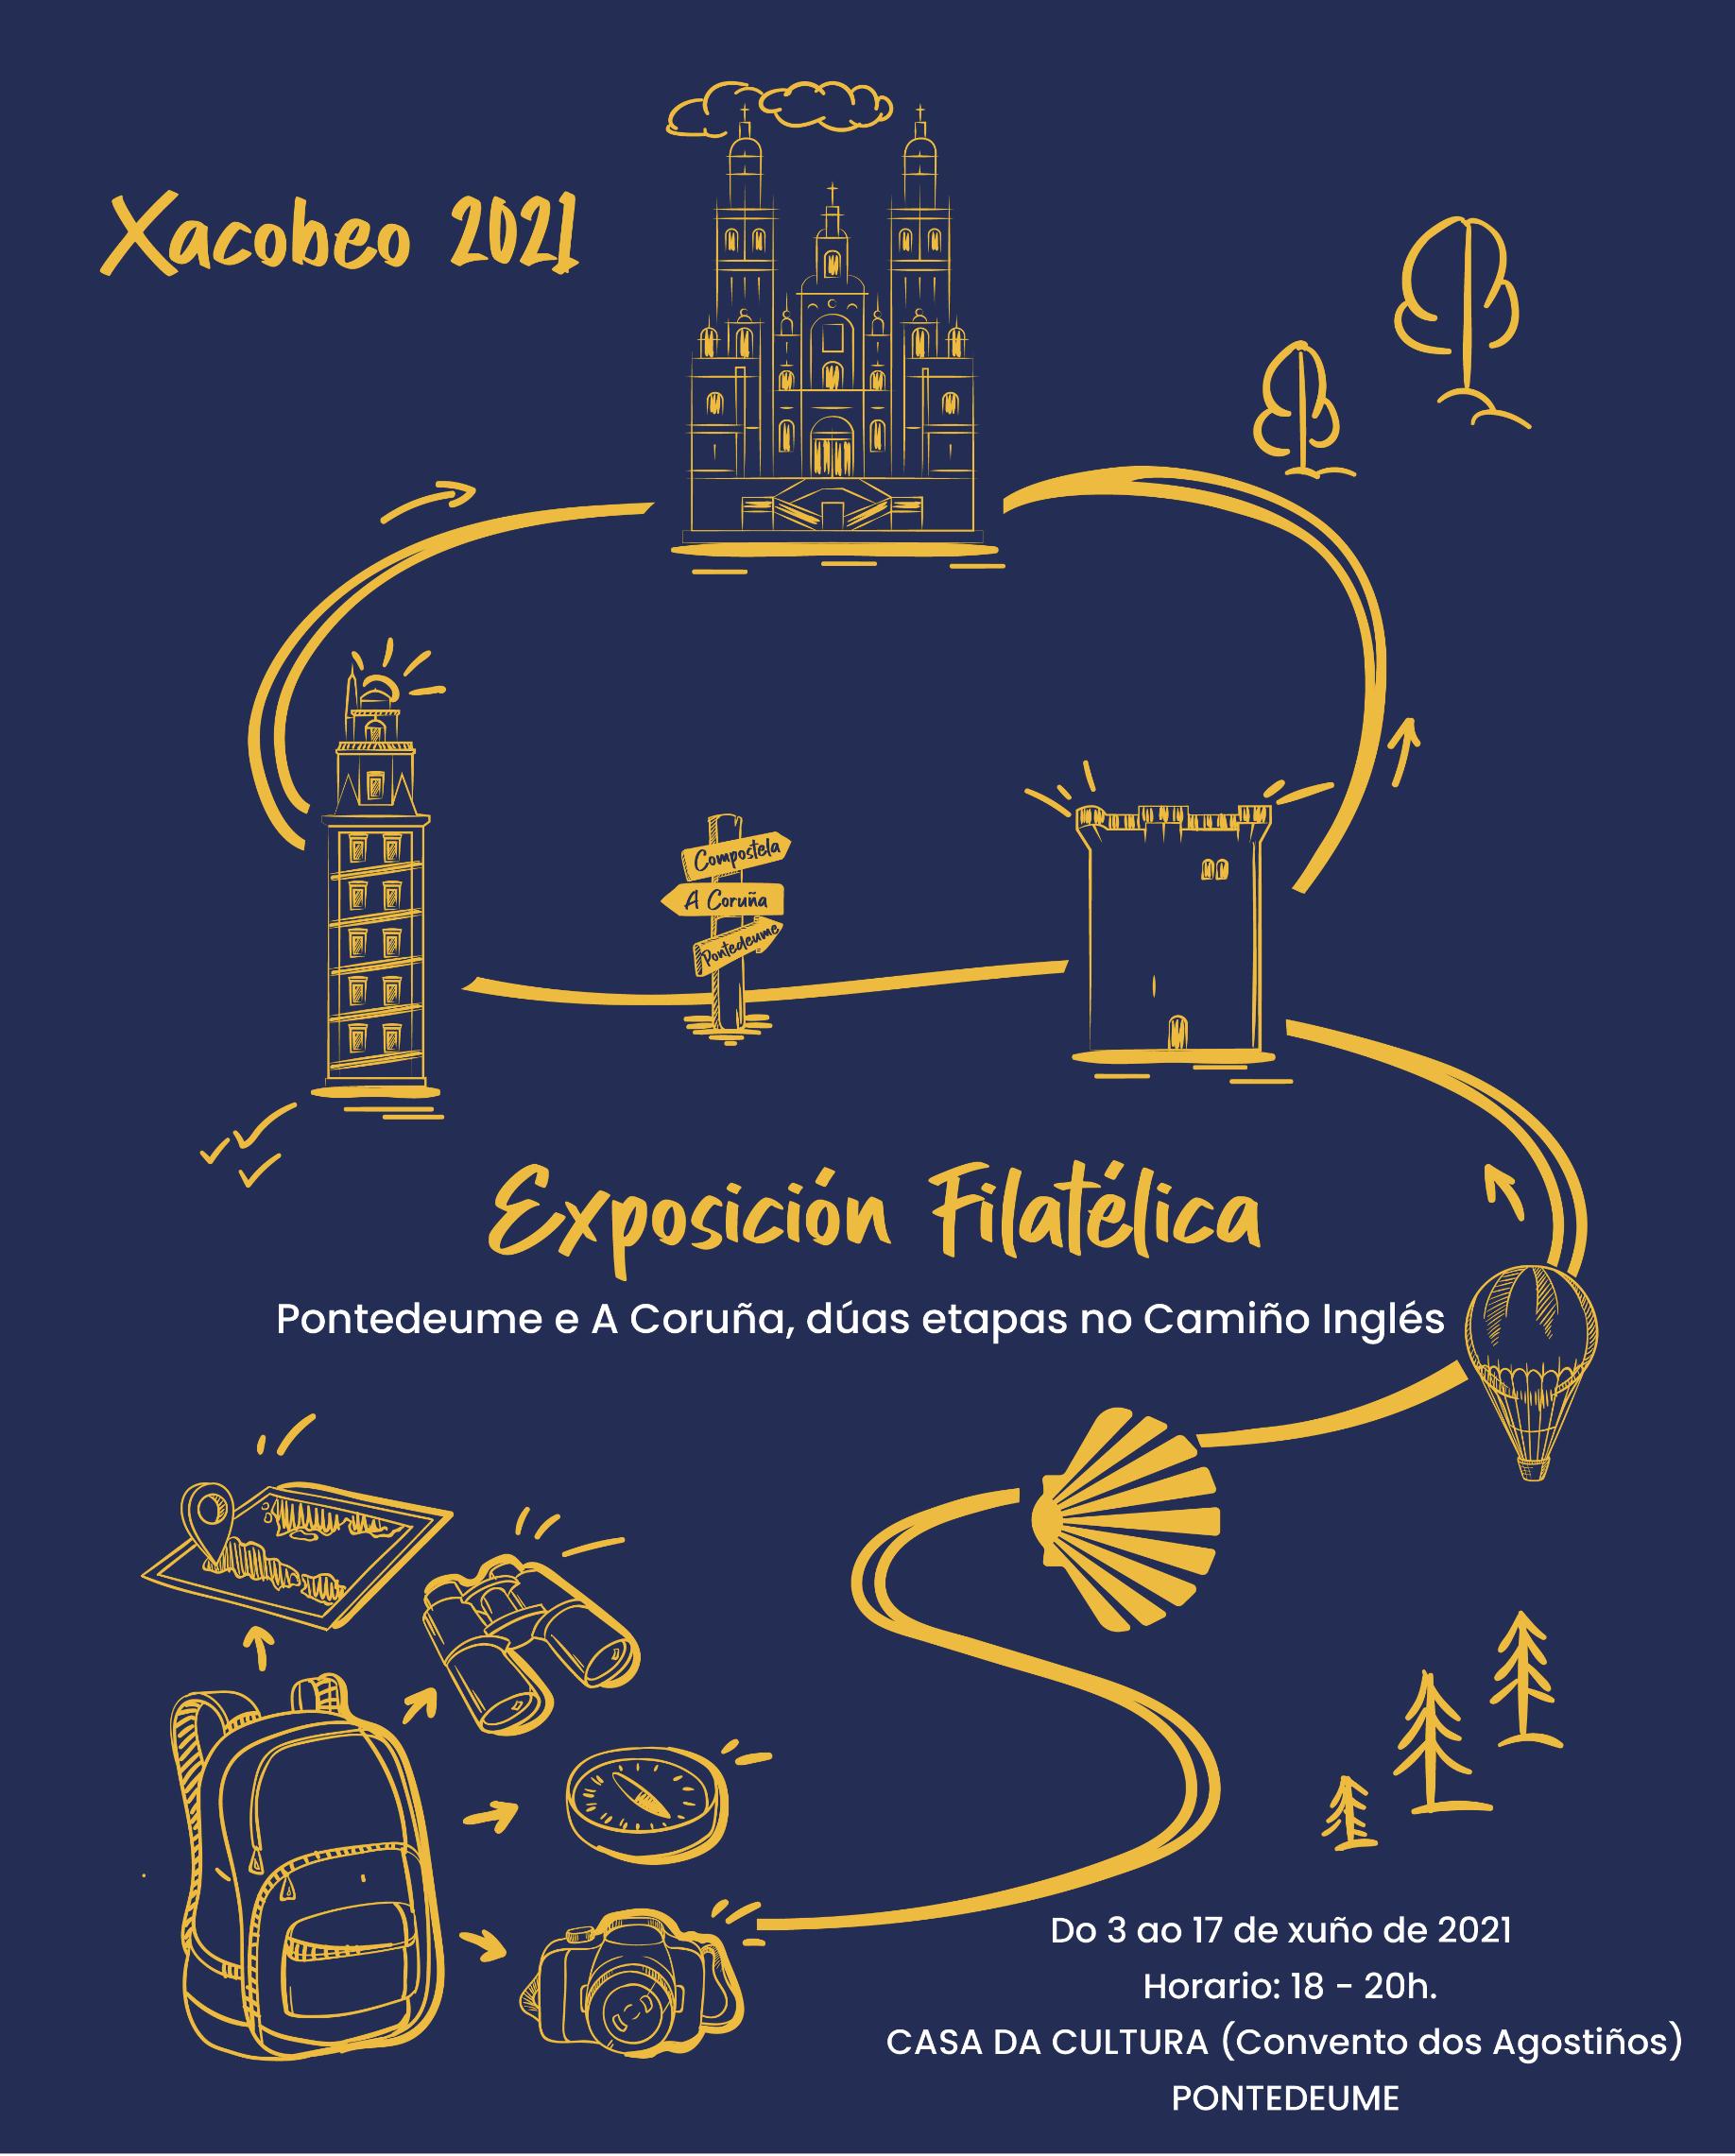 Cartel de la Exposición Filatélica Pontedeume e A Coruña, duas etapas no Camiño Inglés